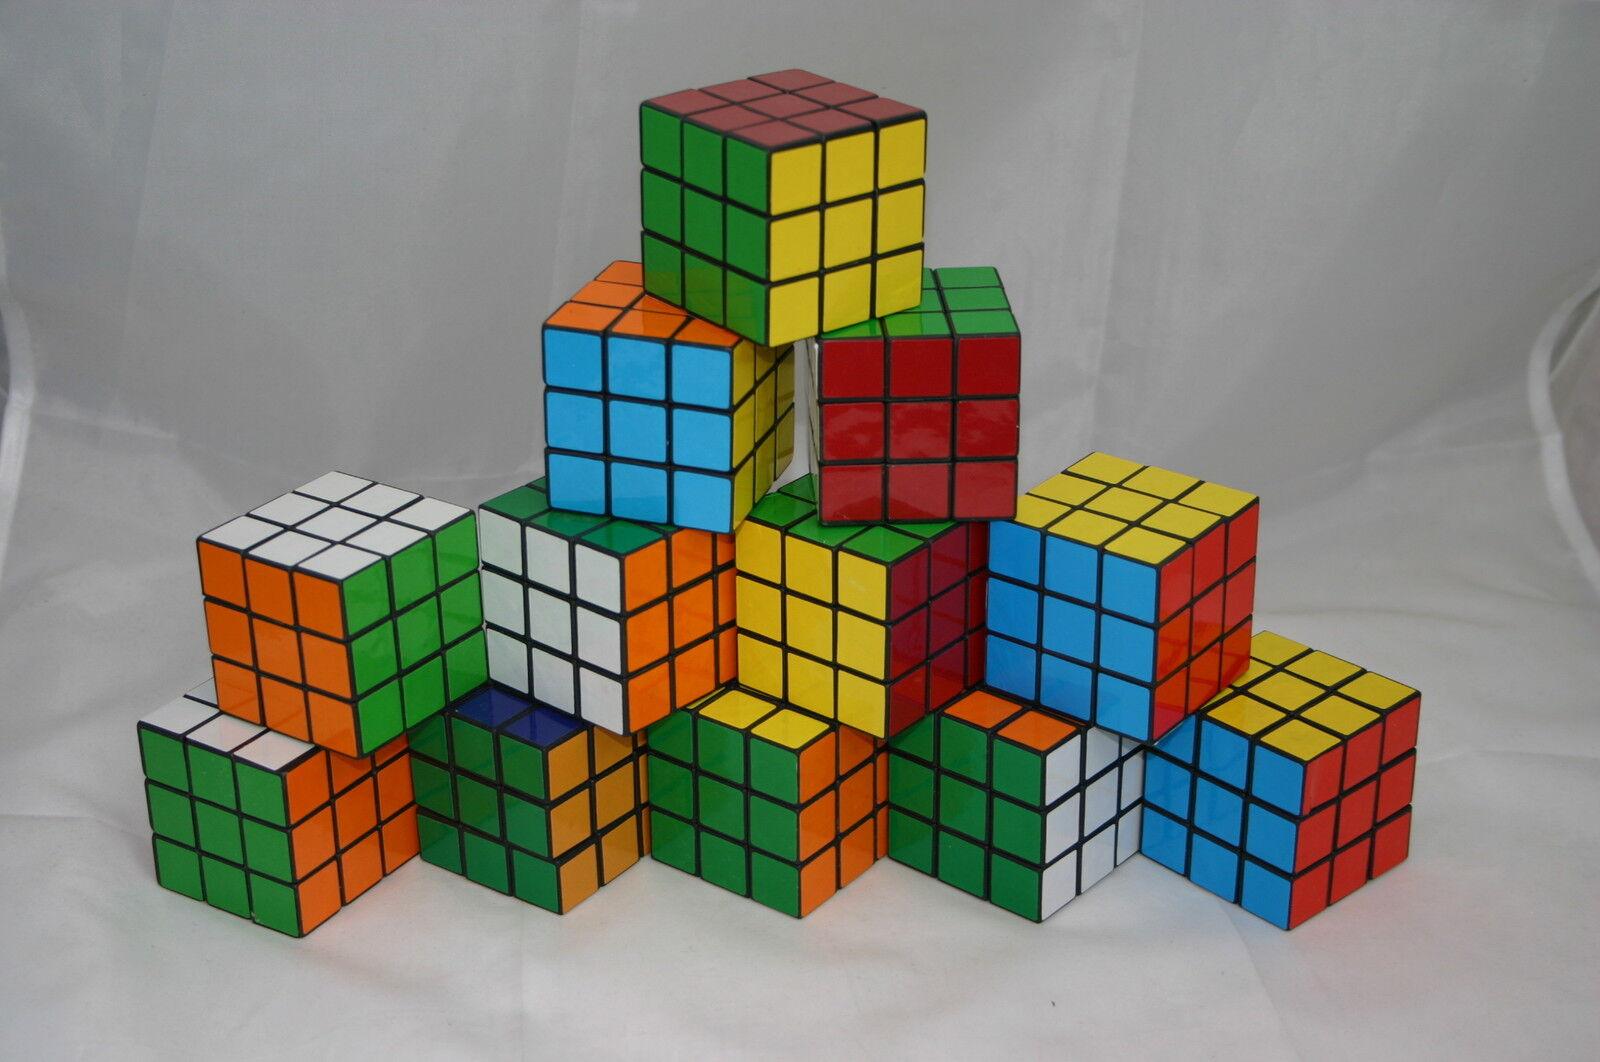 720x Zauberwürfel Magic Cube Zauber Würfel 5,5x5,5x5,5 cm 80er Jahre Kult